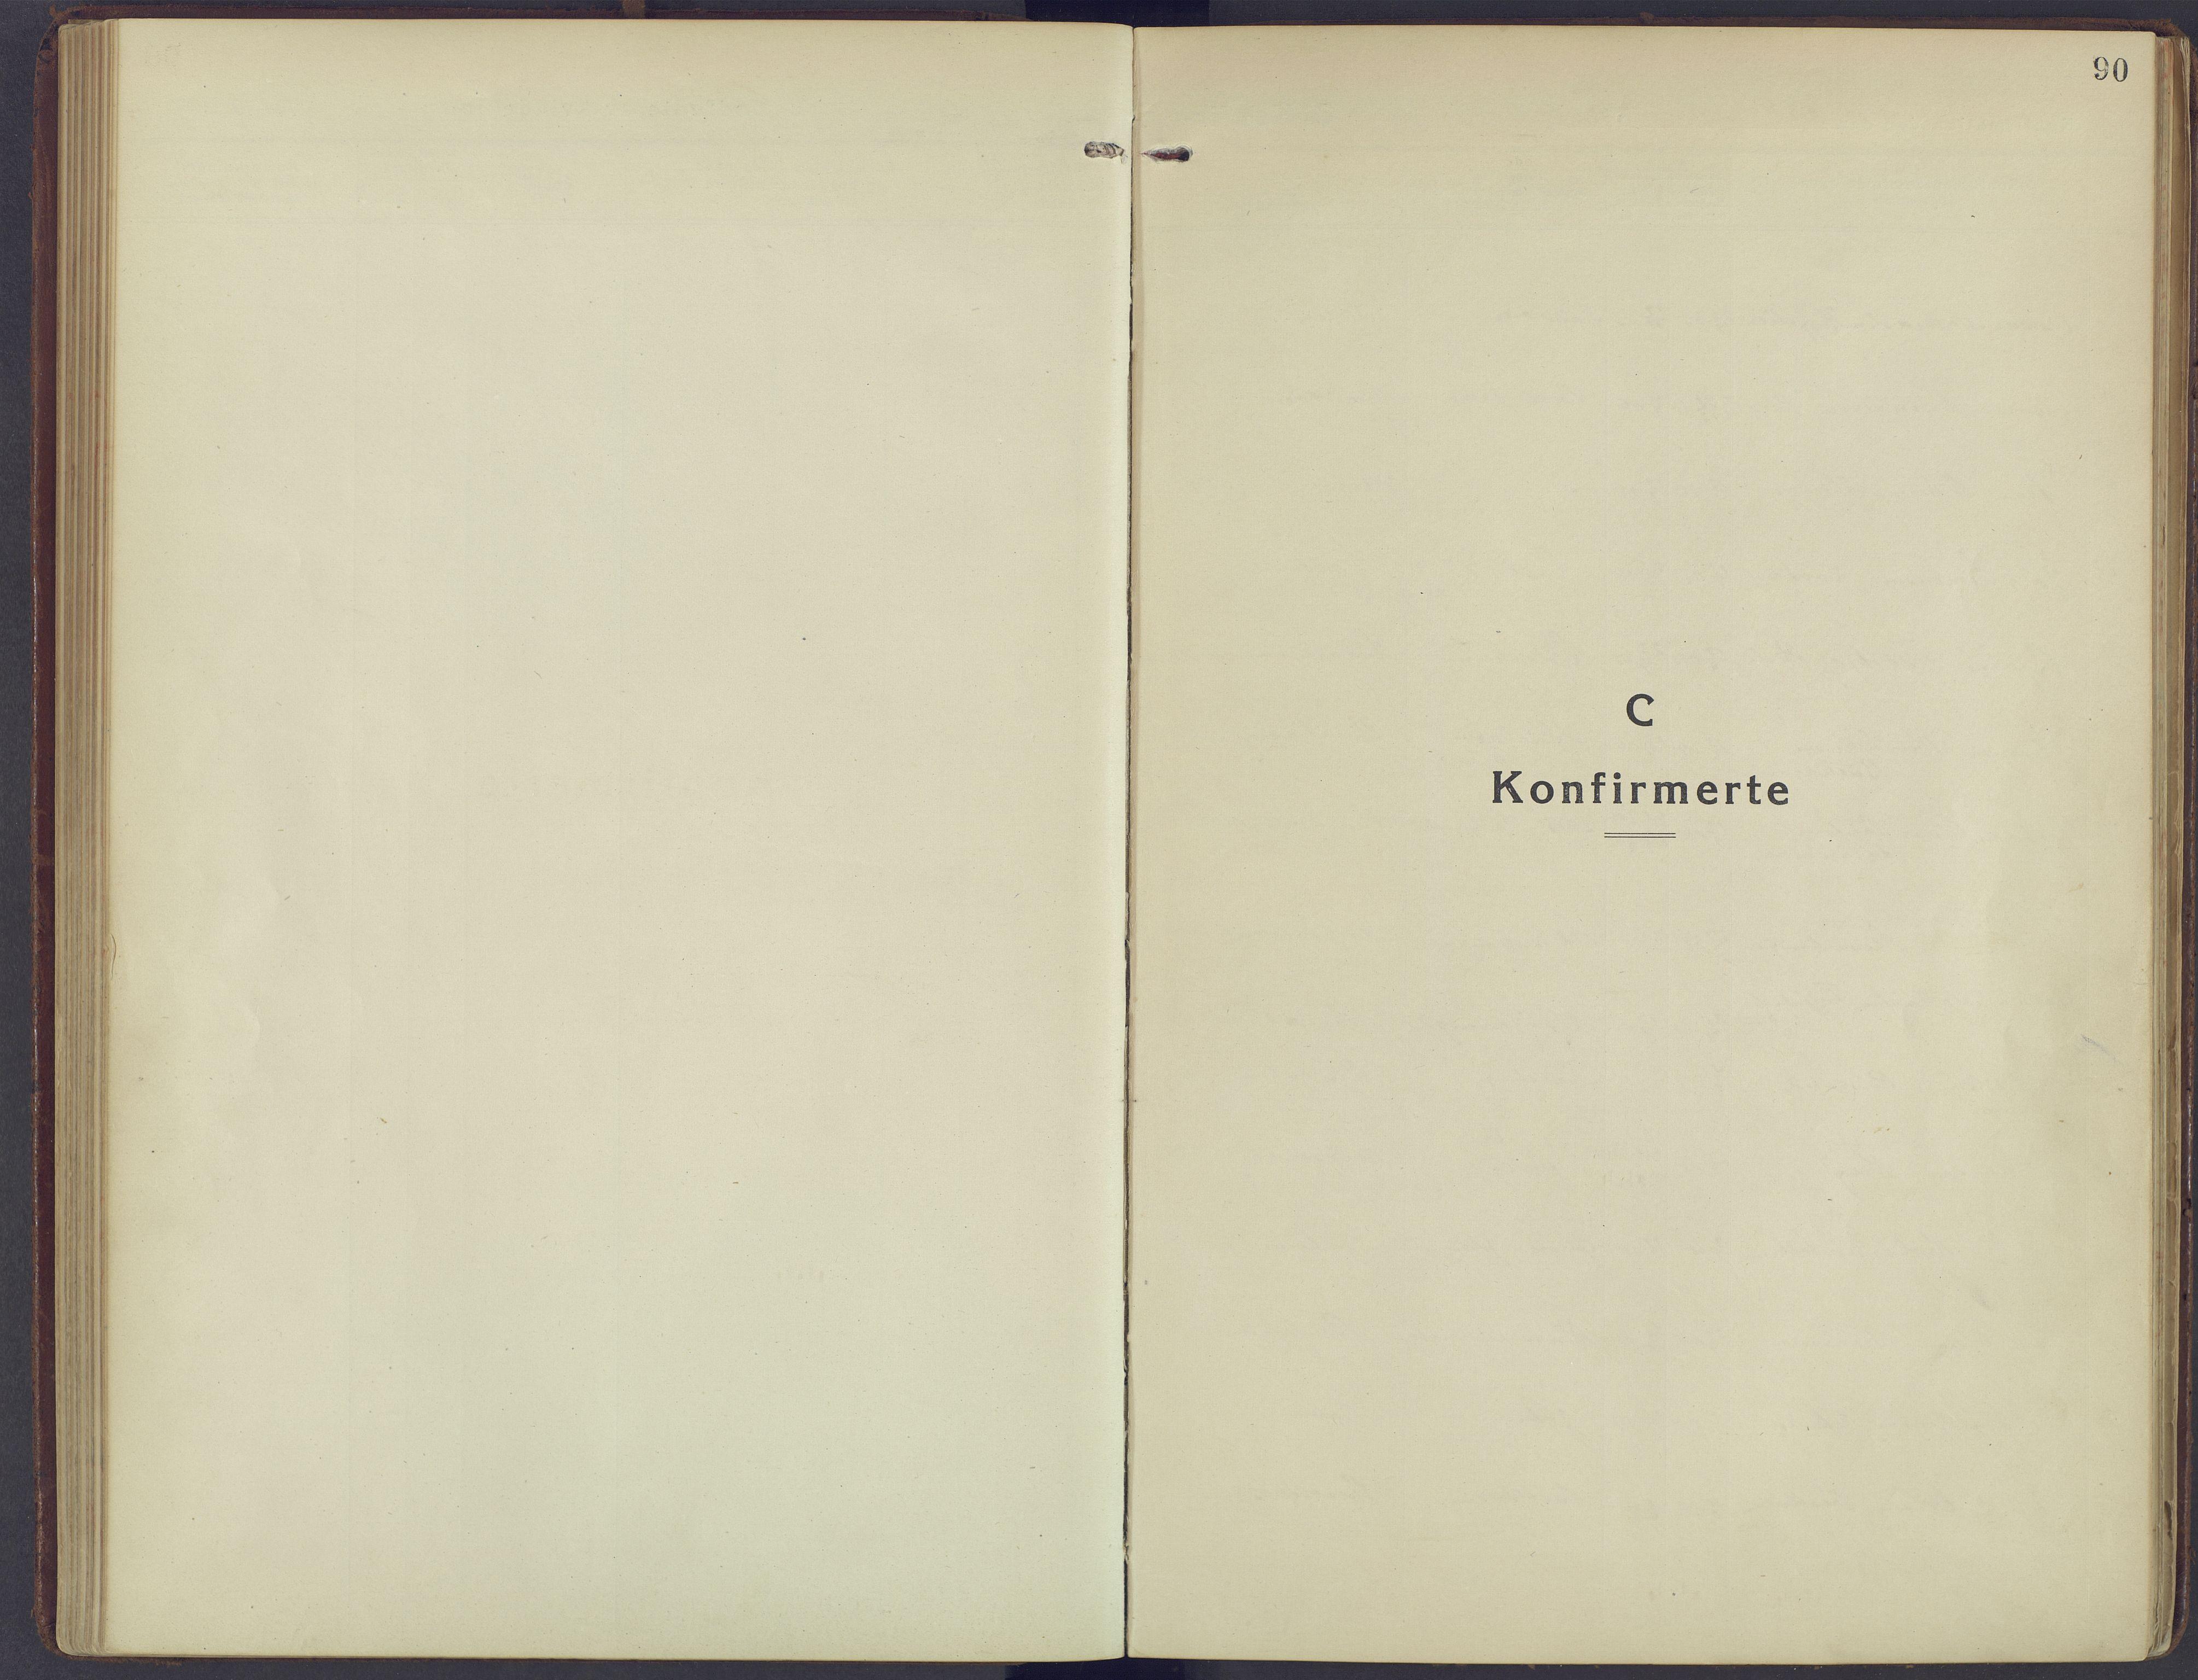 SAH, Sør-Fron prestekontor, H/Ha/Haa/L0005: Ministerialbok nr. 5, 1920-1933, s. 90